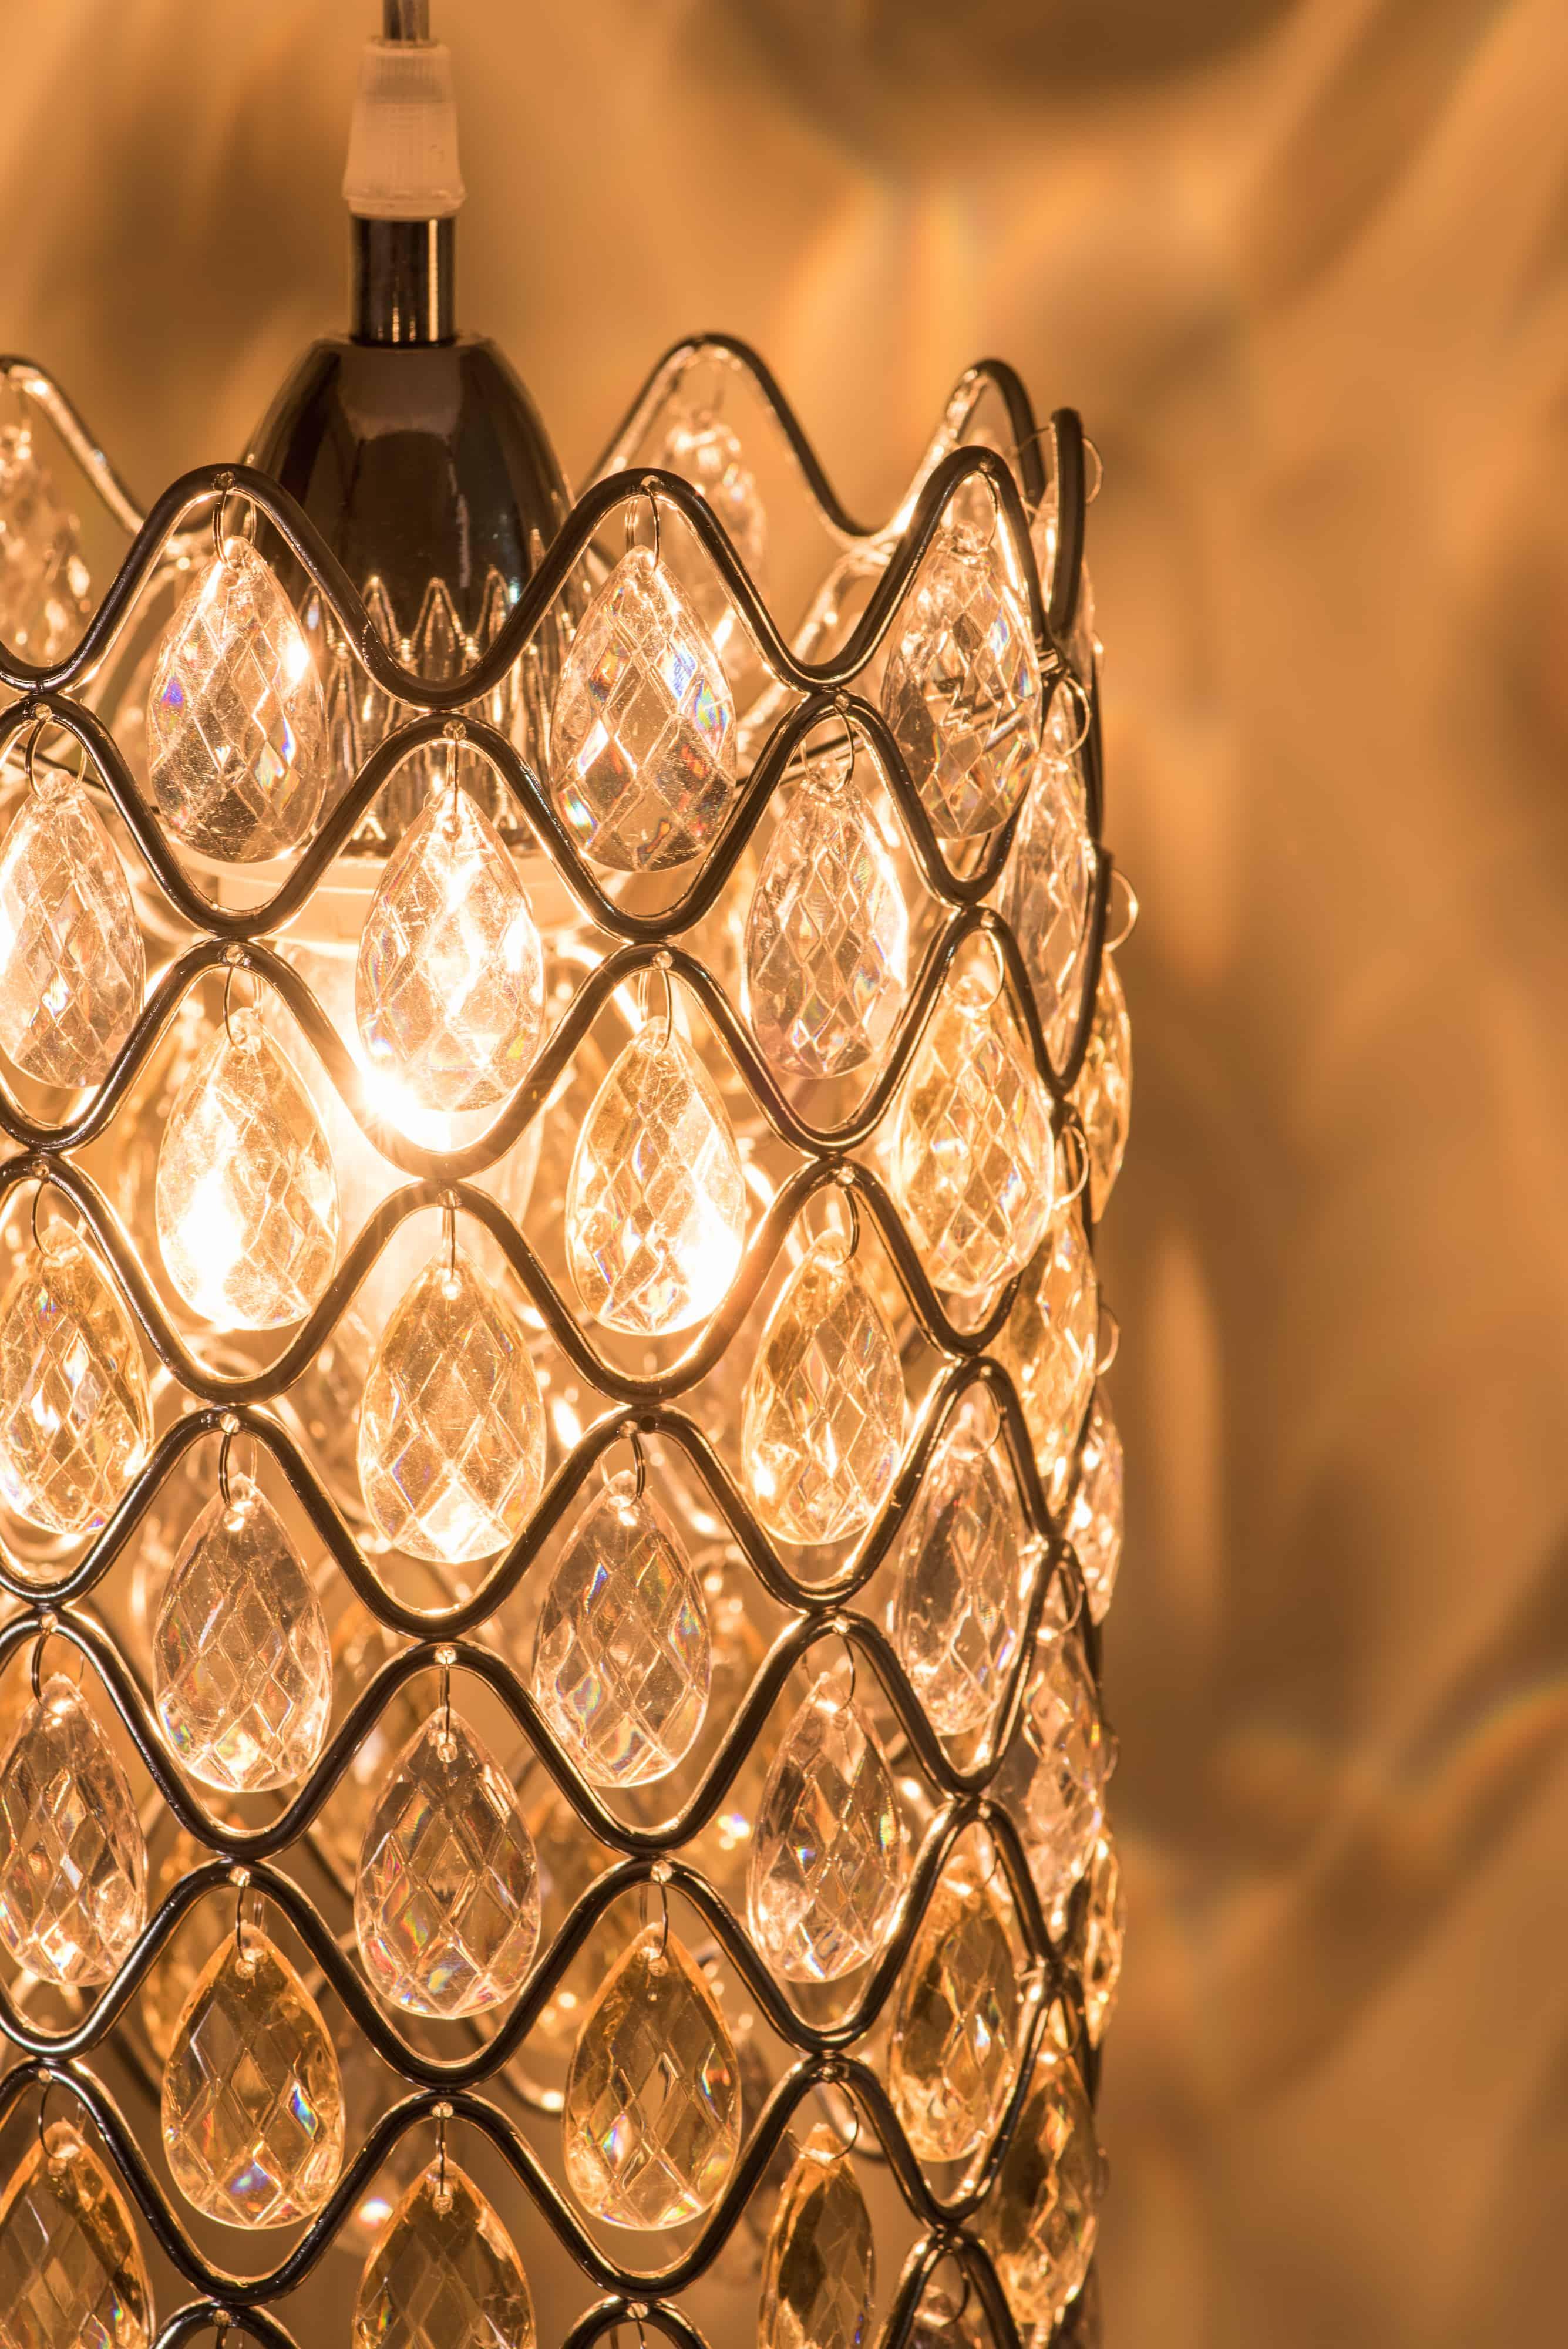 鍍鉻波浪紋壓克力珠吊燈-BNL00051 6